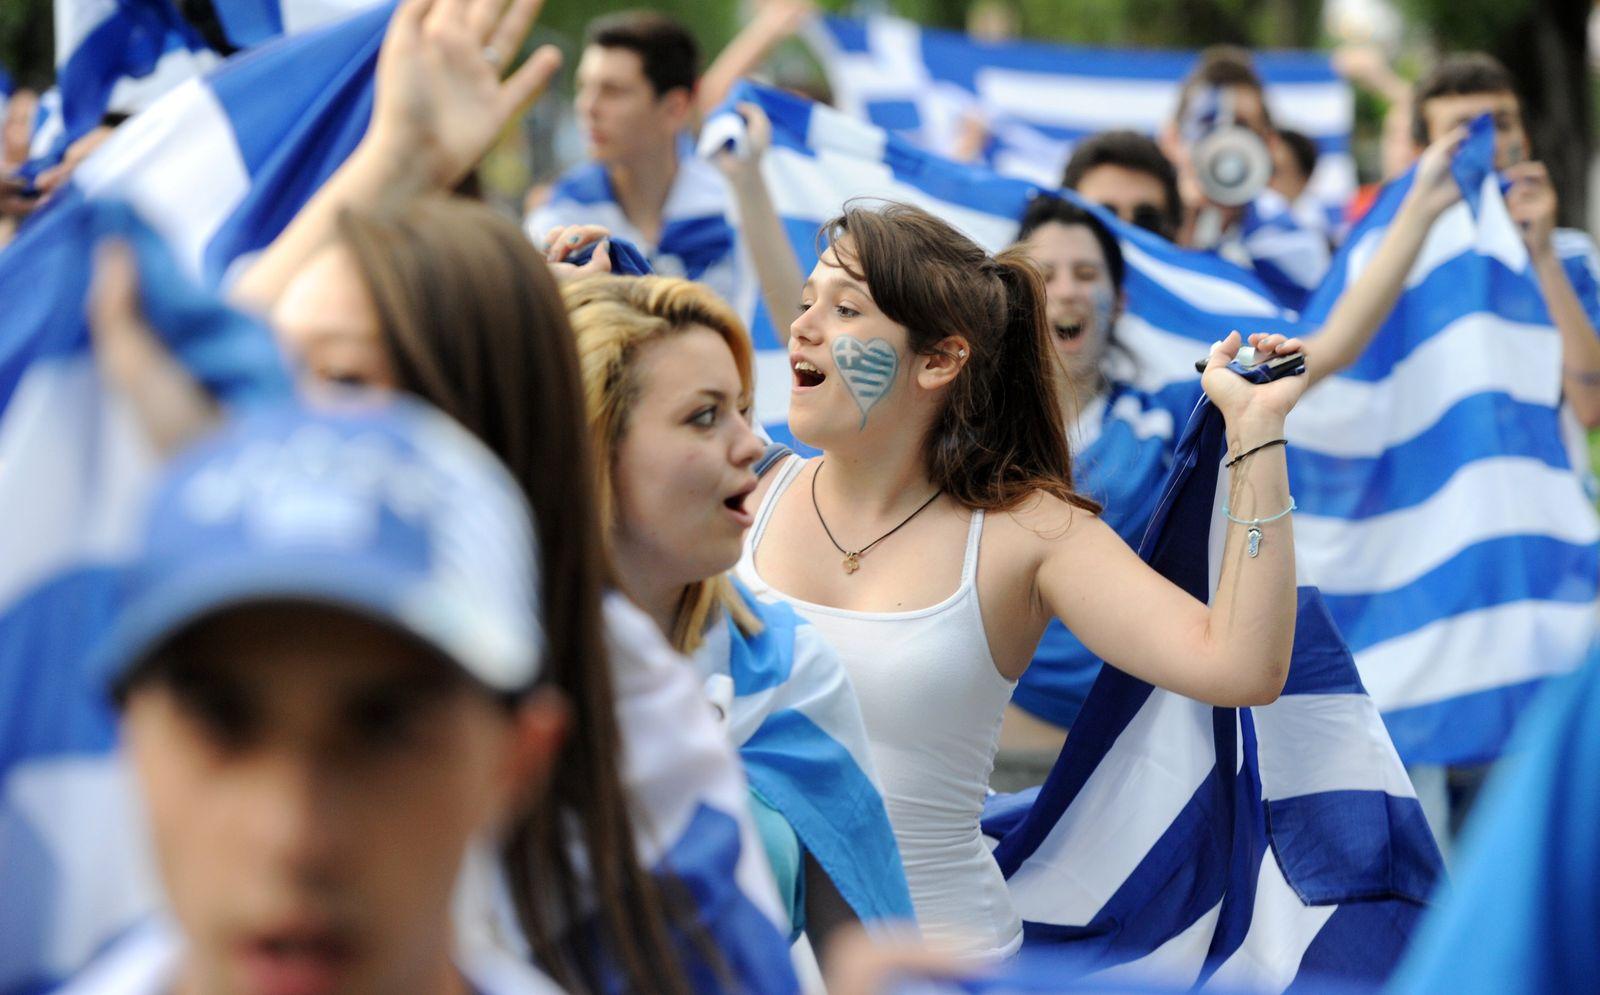 Griechische Fußballfans